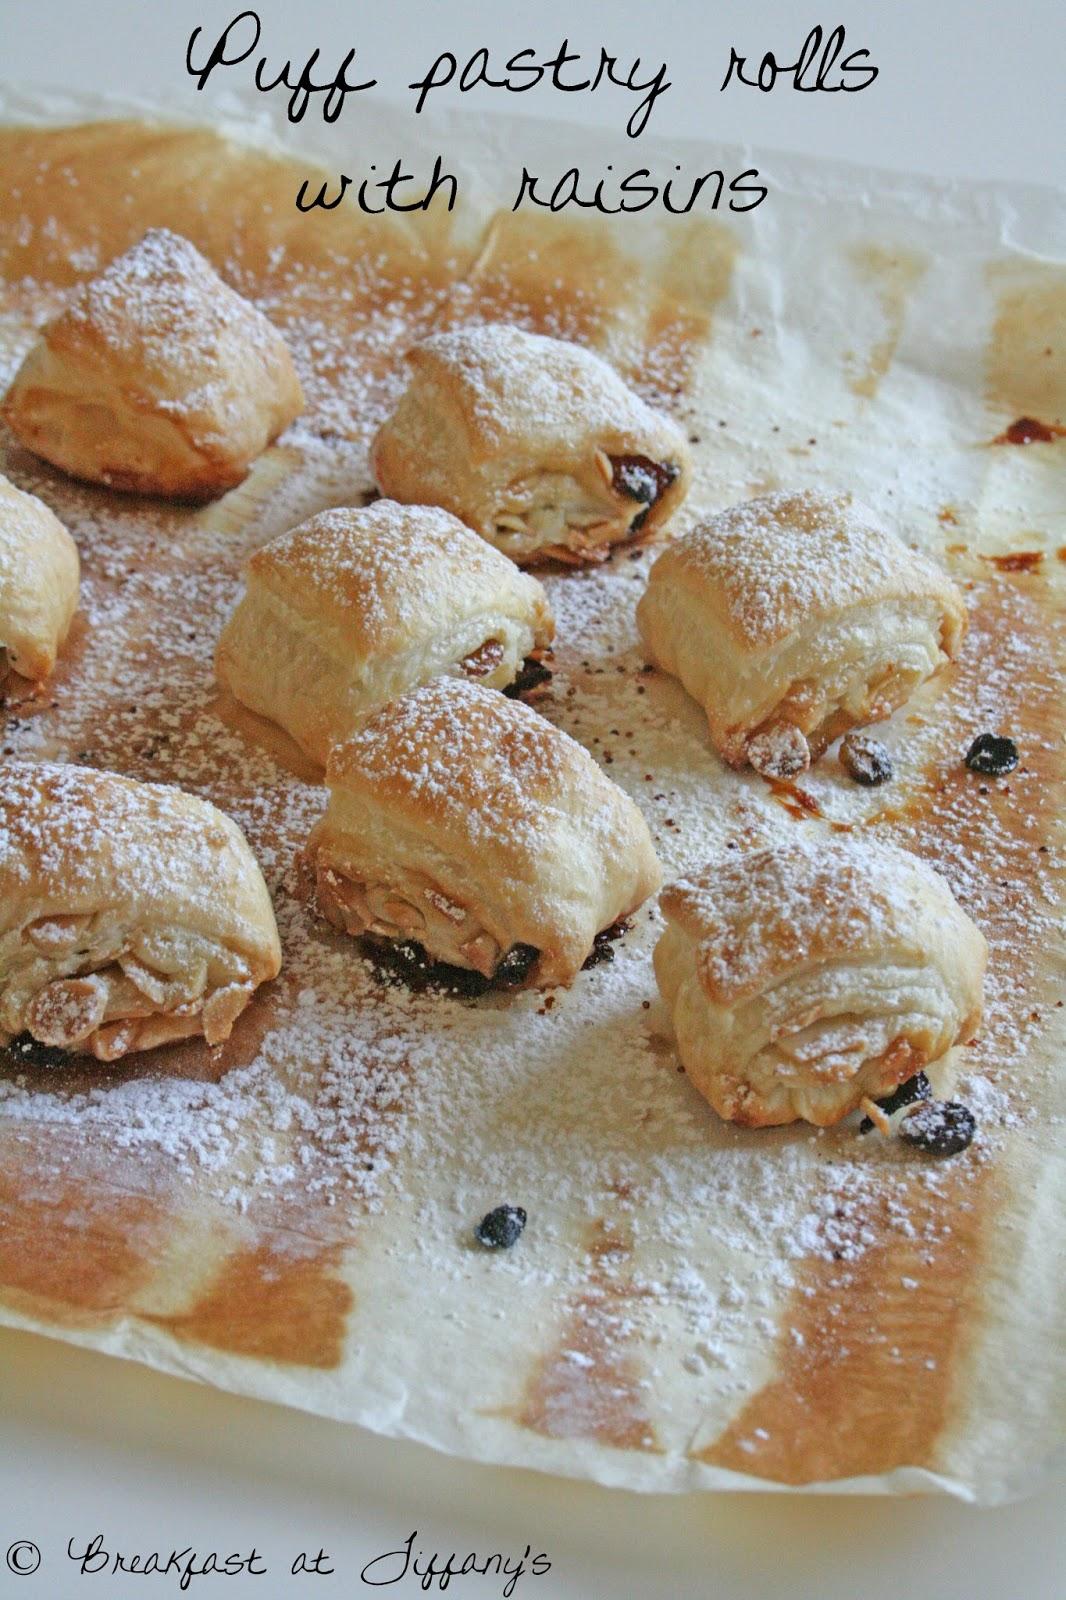 girelle di pasta sfoglia con uvetta / puff pastry rolls with raisins